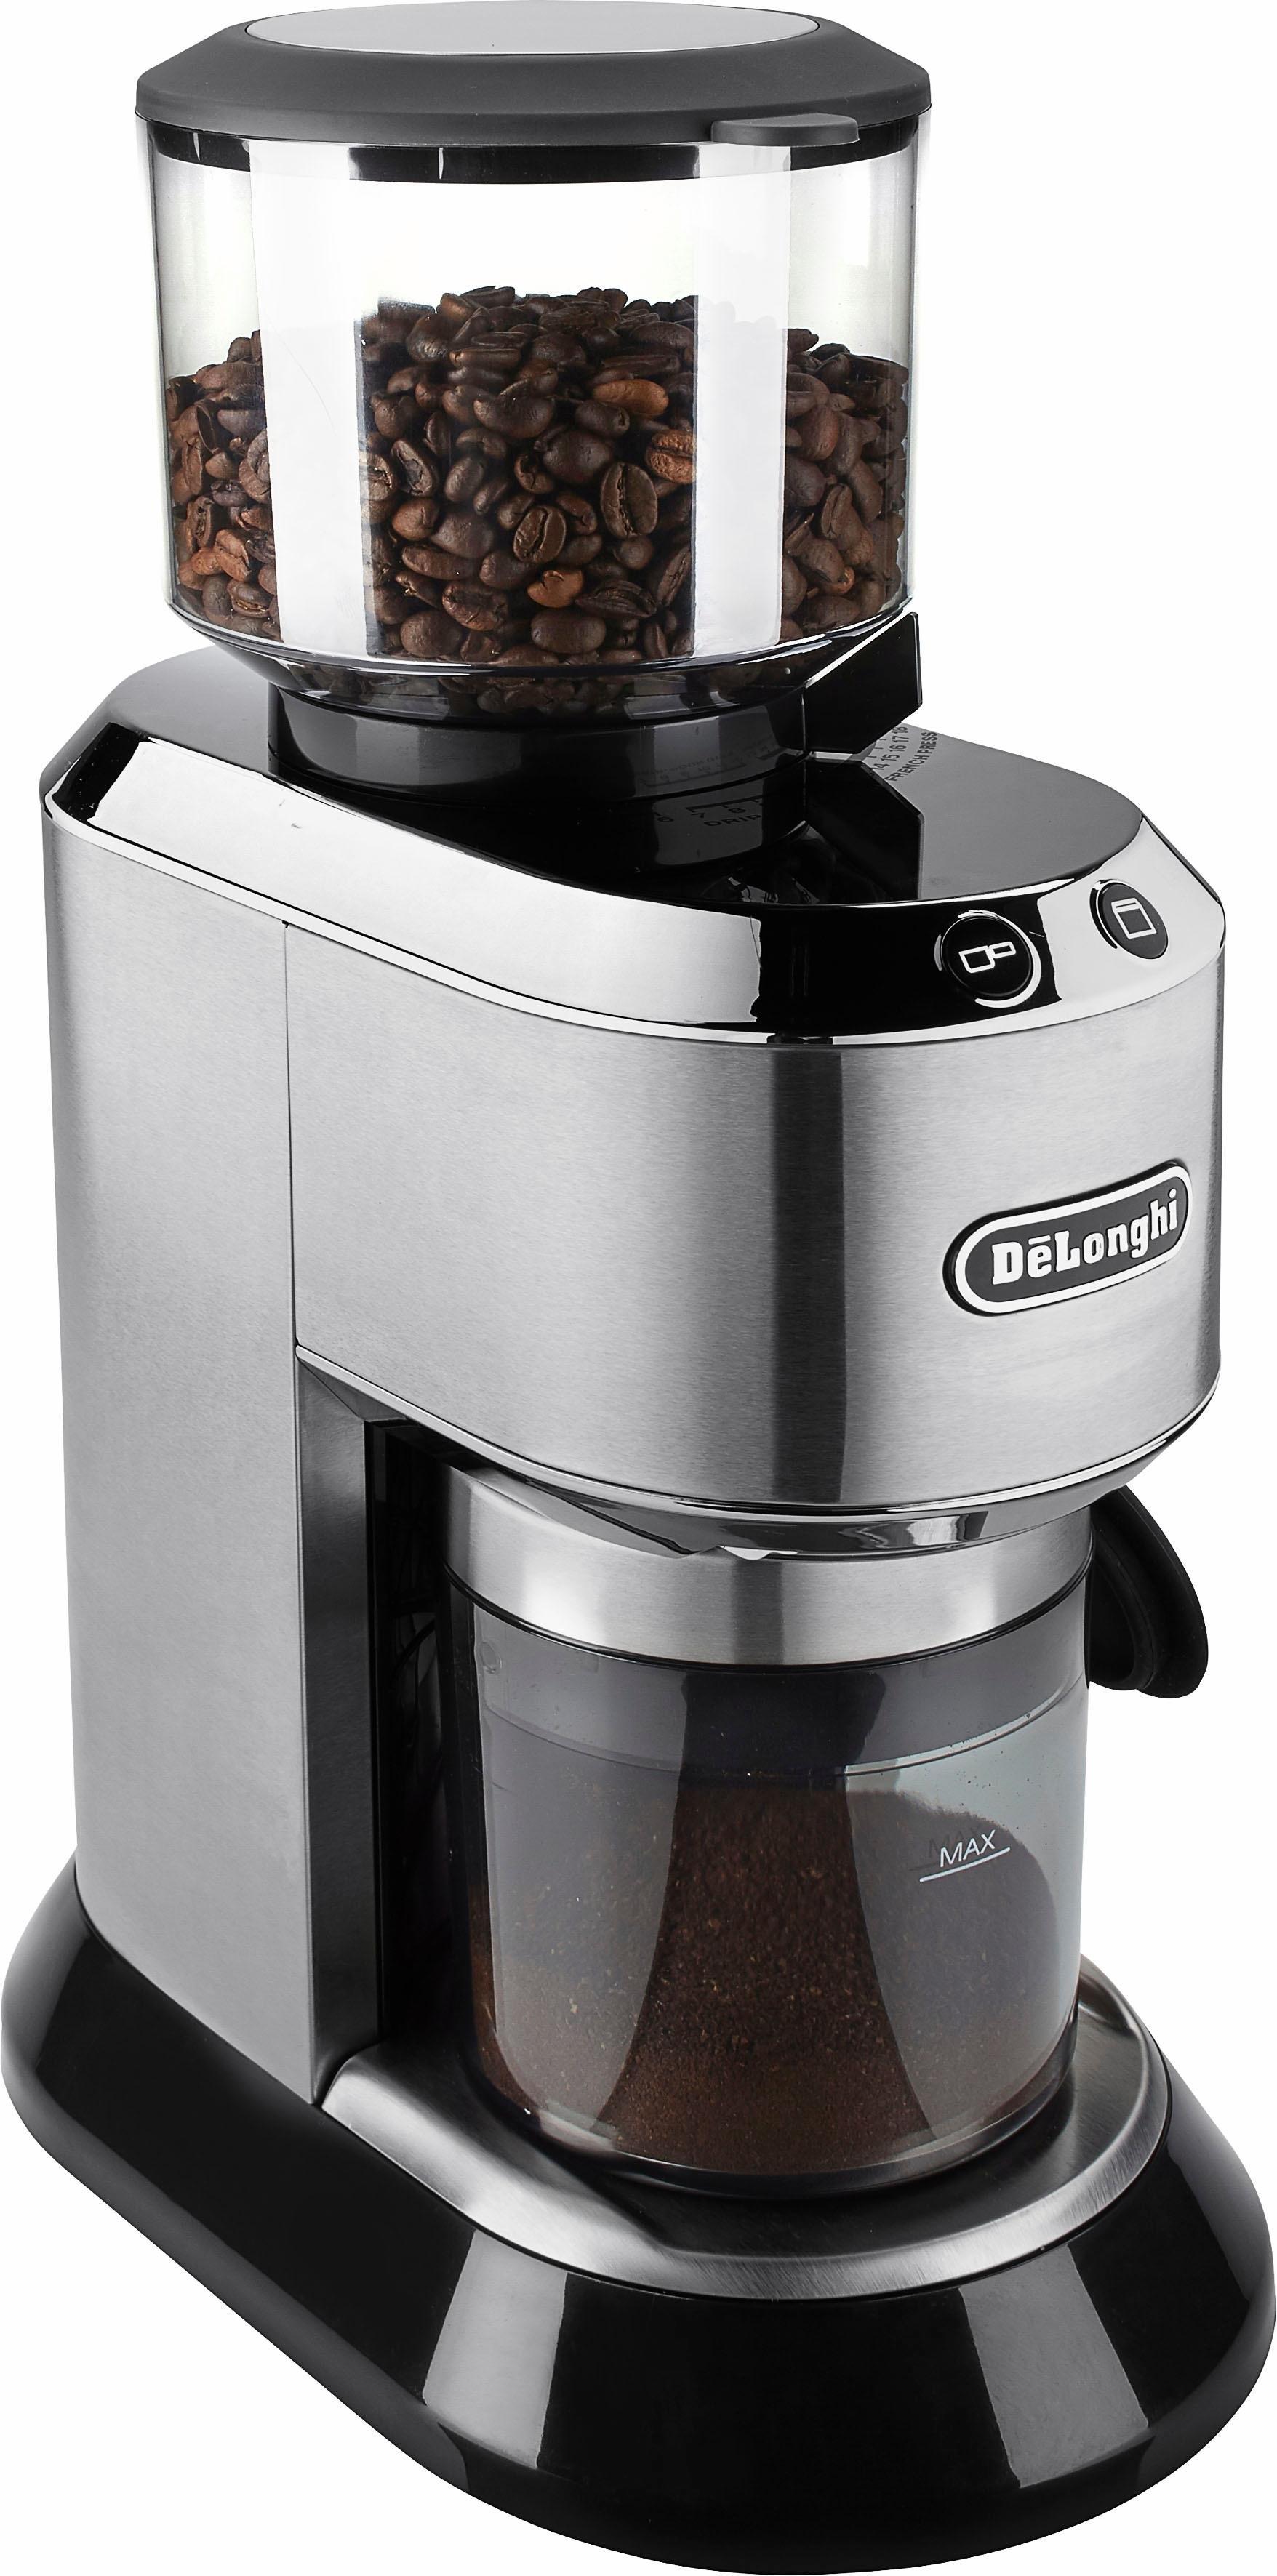 De'Longhi DELONGHI elektrische koffiemolen Dedica KG520.M in de webshop van OTTO kopen